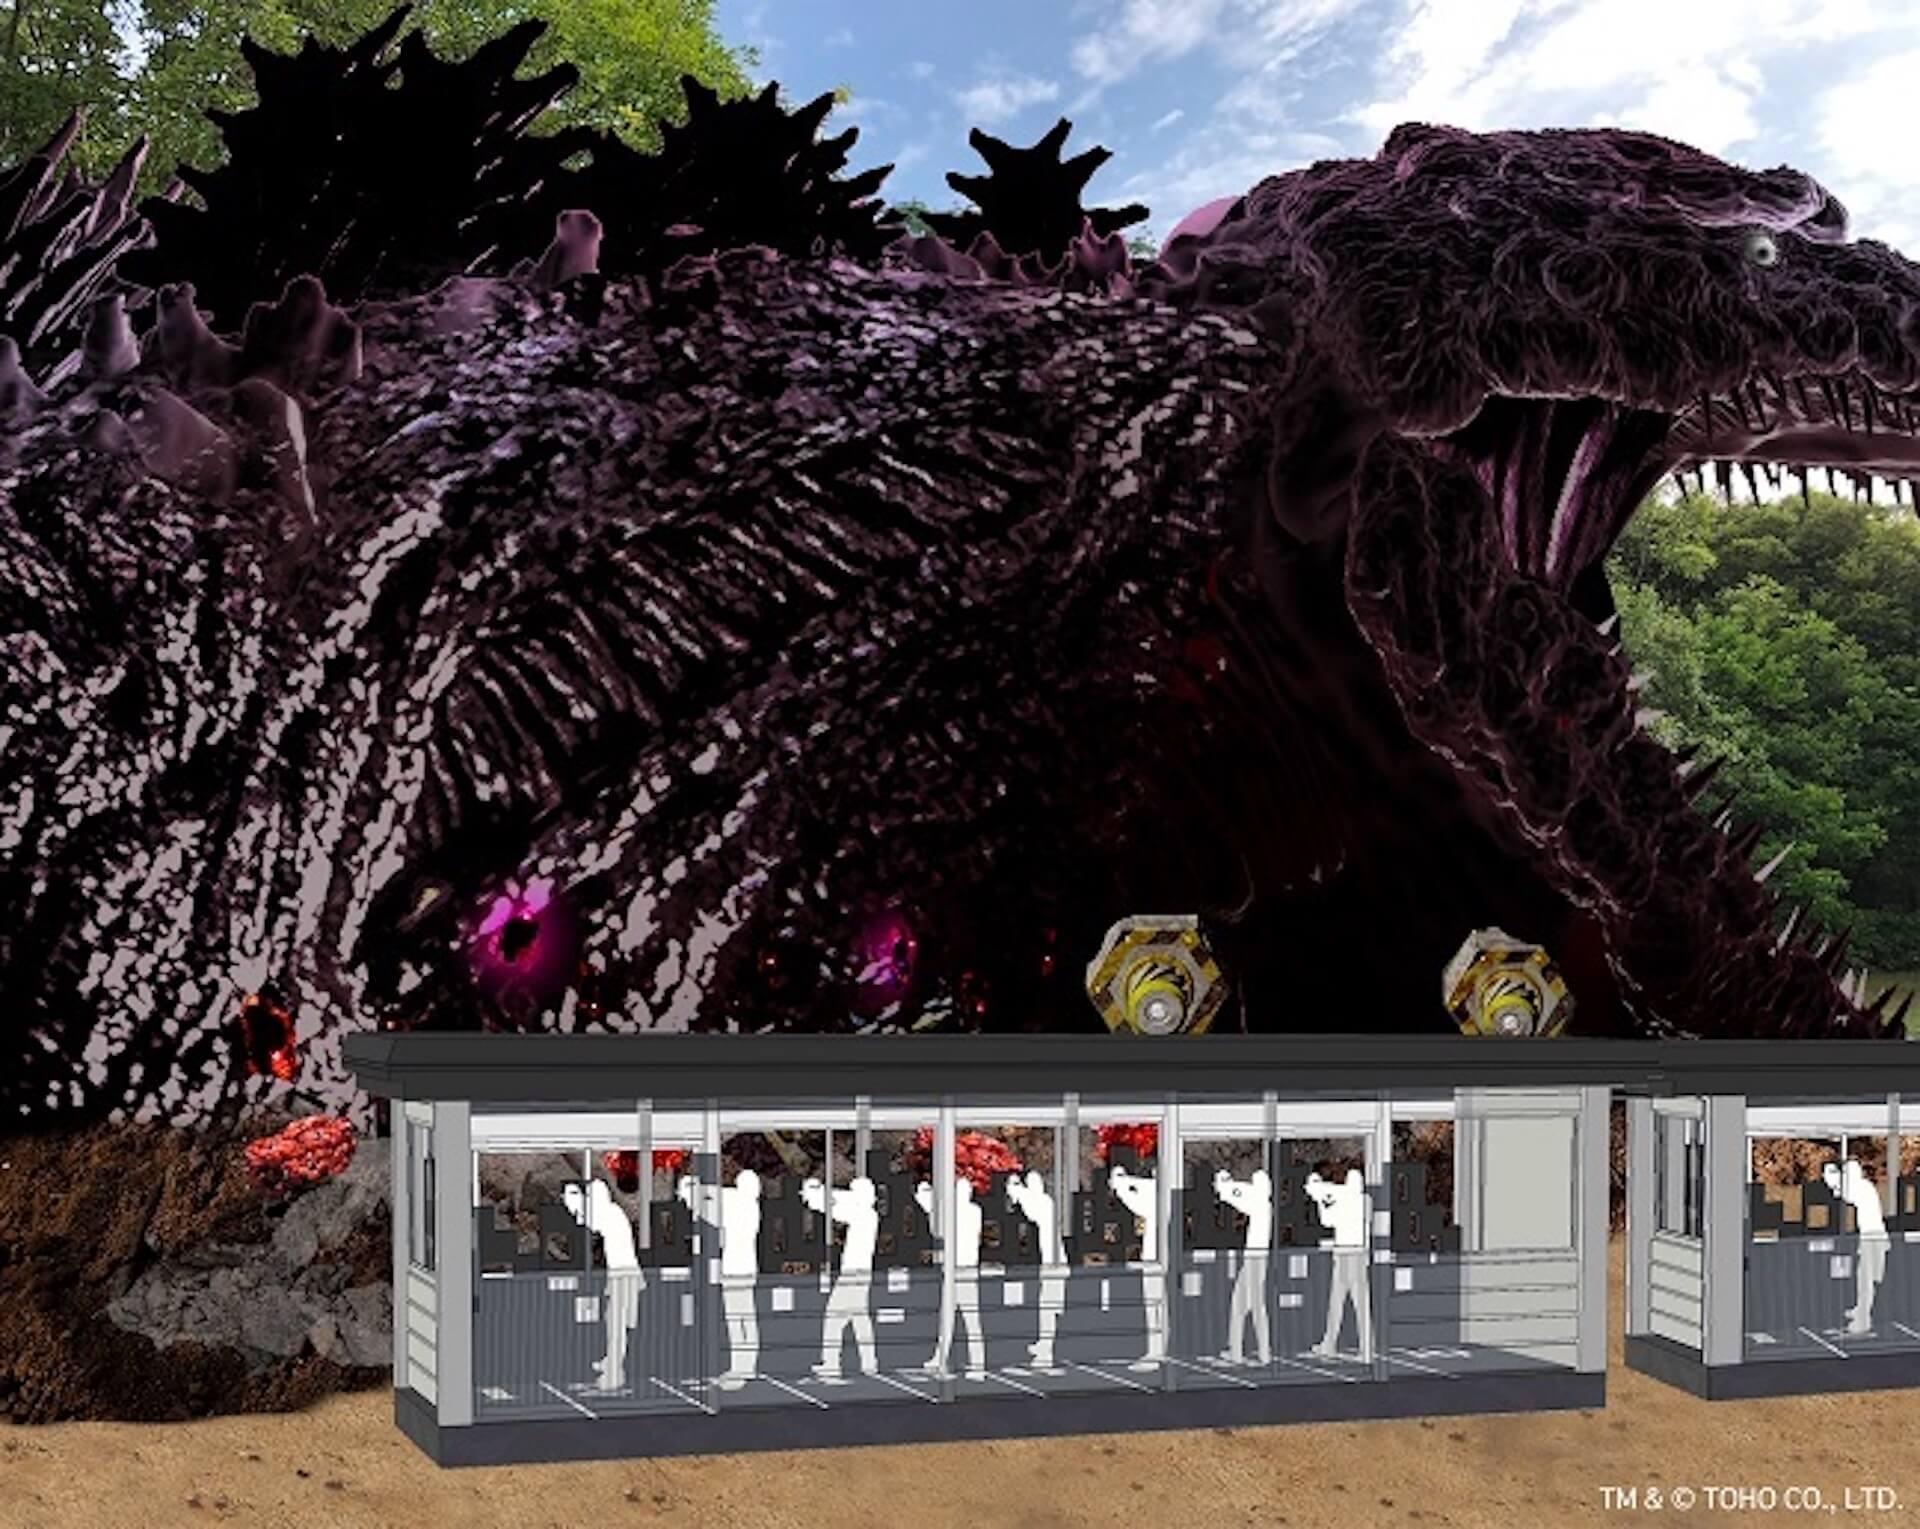 """淡路島に""""世界最大&等身大""""のゴジラが出現!?ミッション型アトラクション「ゴジラ迎撃作戦」が2020年夏にオープン artculture_191031_godzilla_5"""